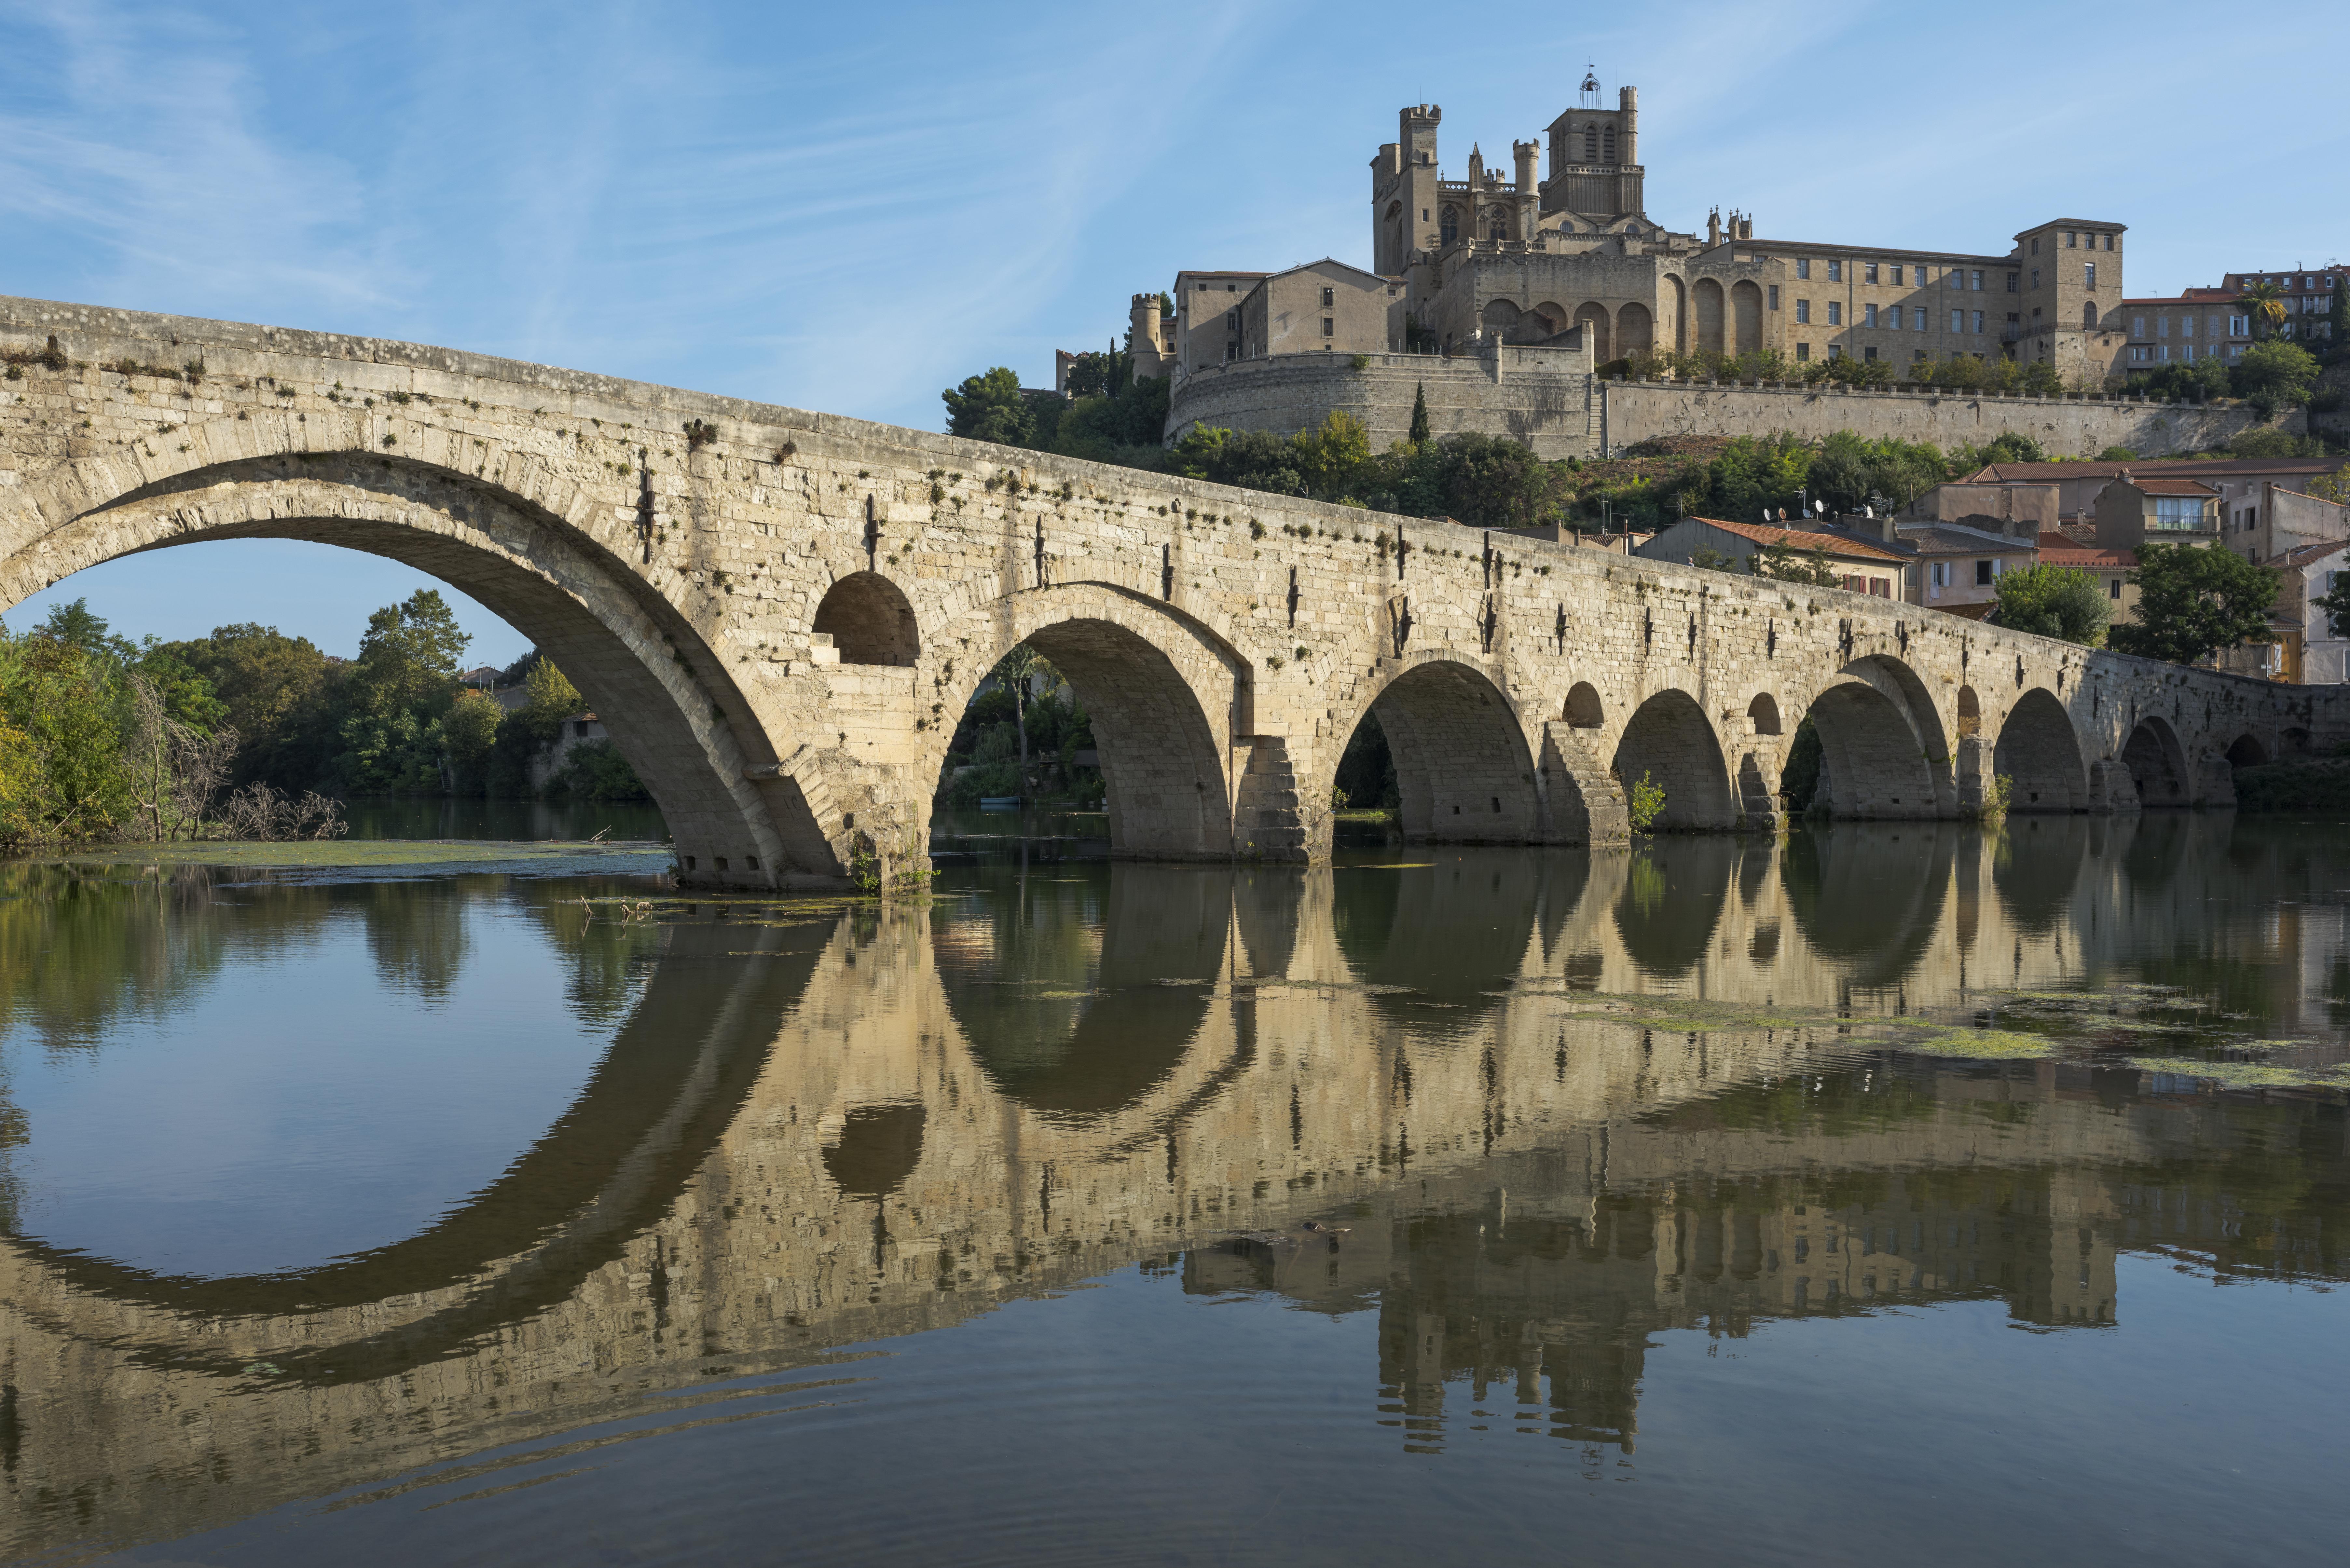 In And Out Beziers file:pont vieux et cathédrale saint-nazaire de béziers cf02